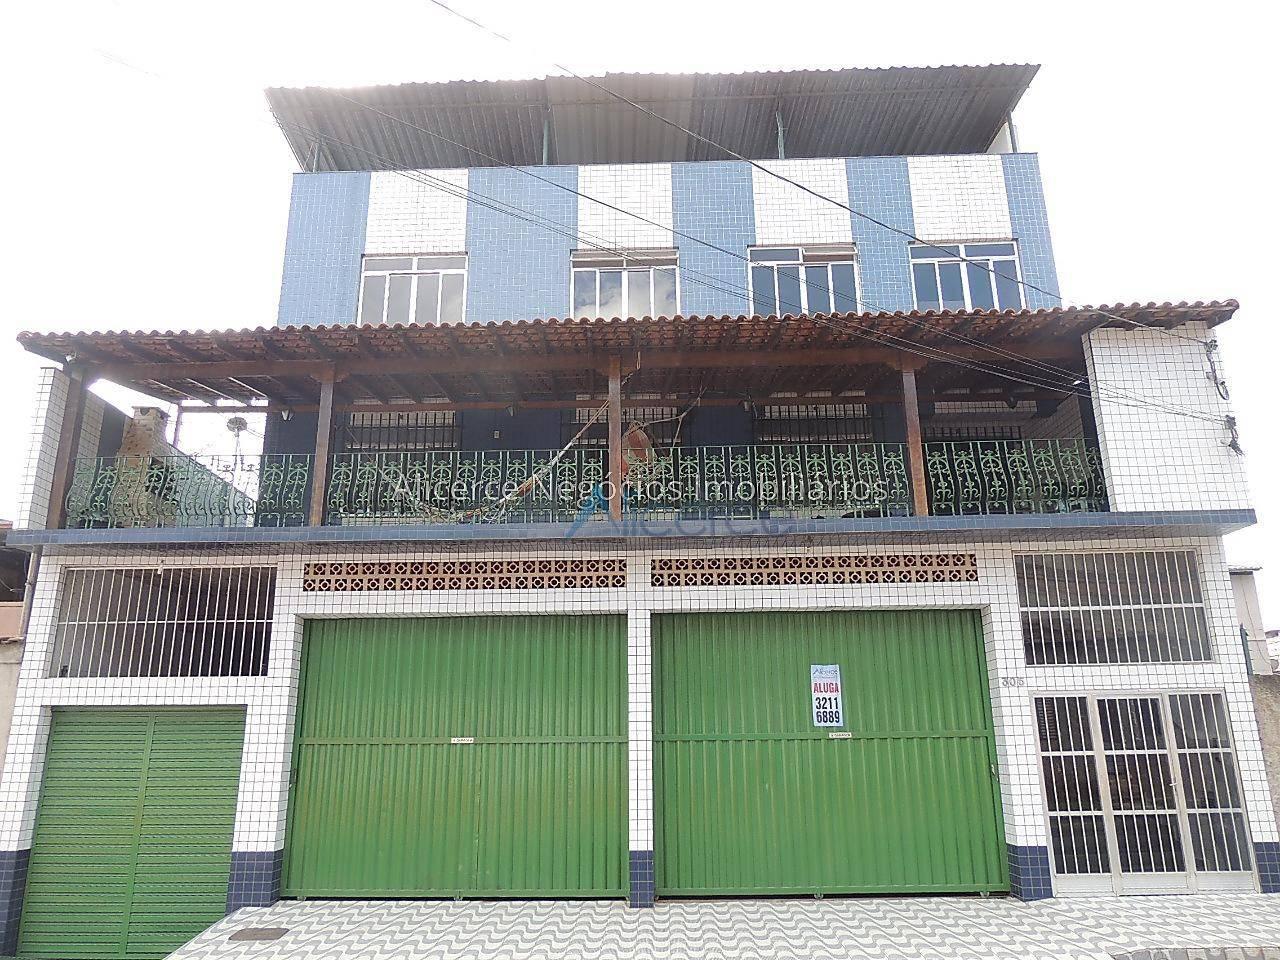 Galpão para alugar, 173 m² por R$ 1.200,00/mês - Nossa Senhora Aparecida - Juiz de Fora/MG